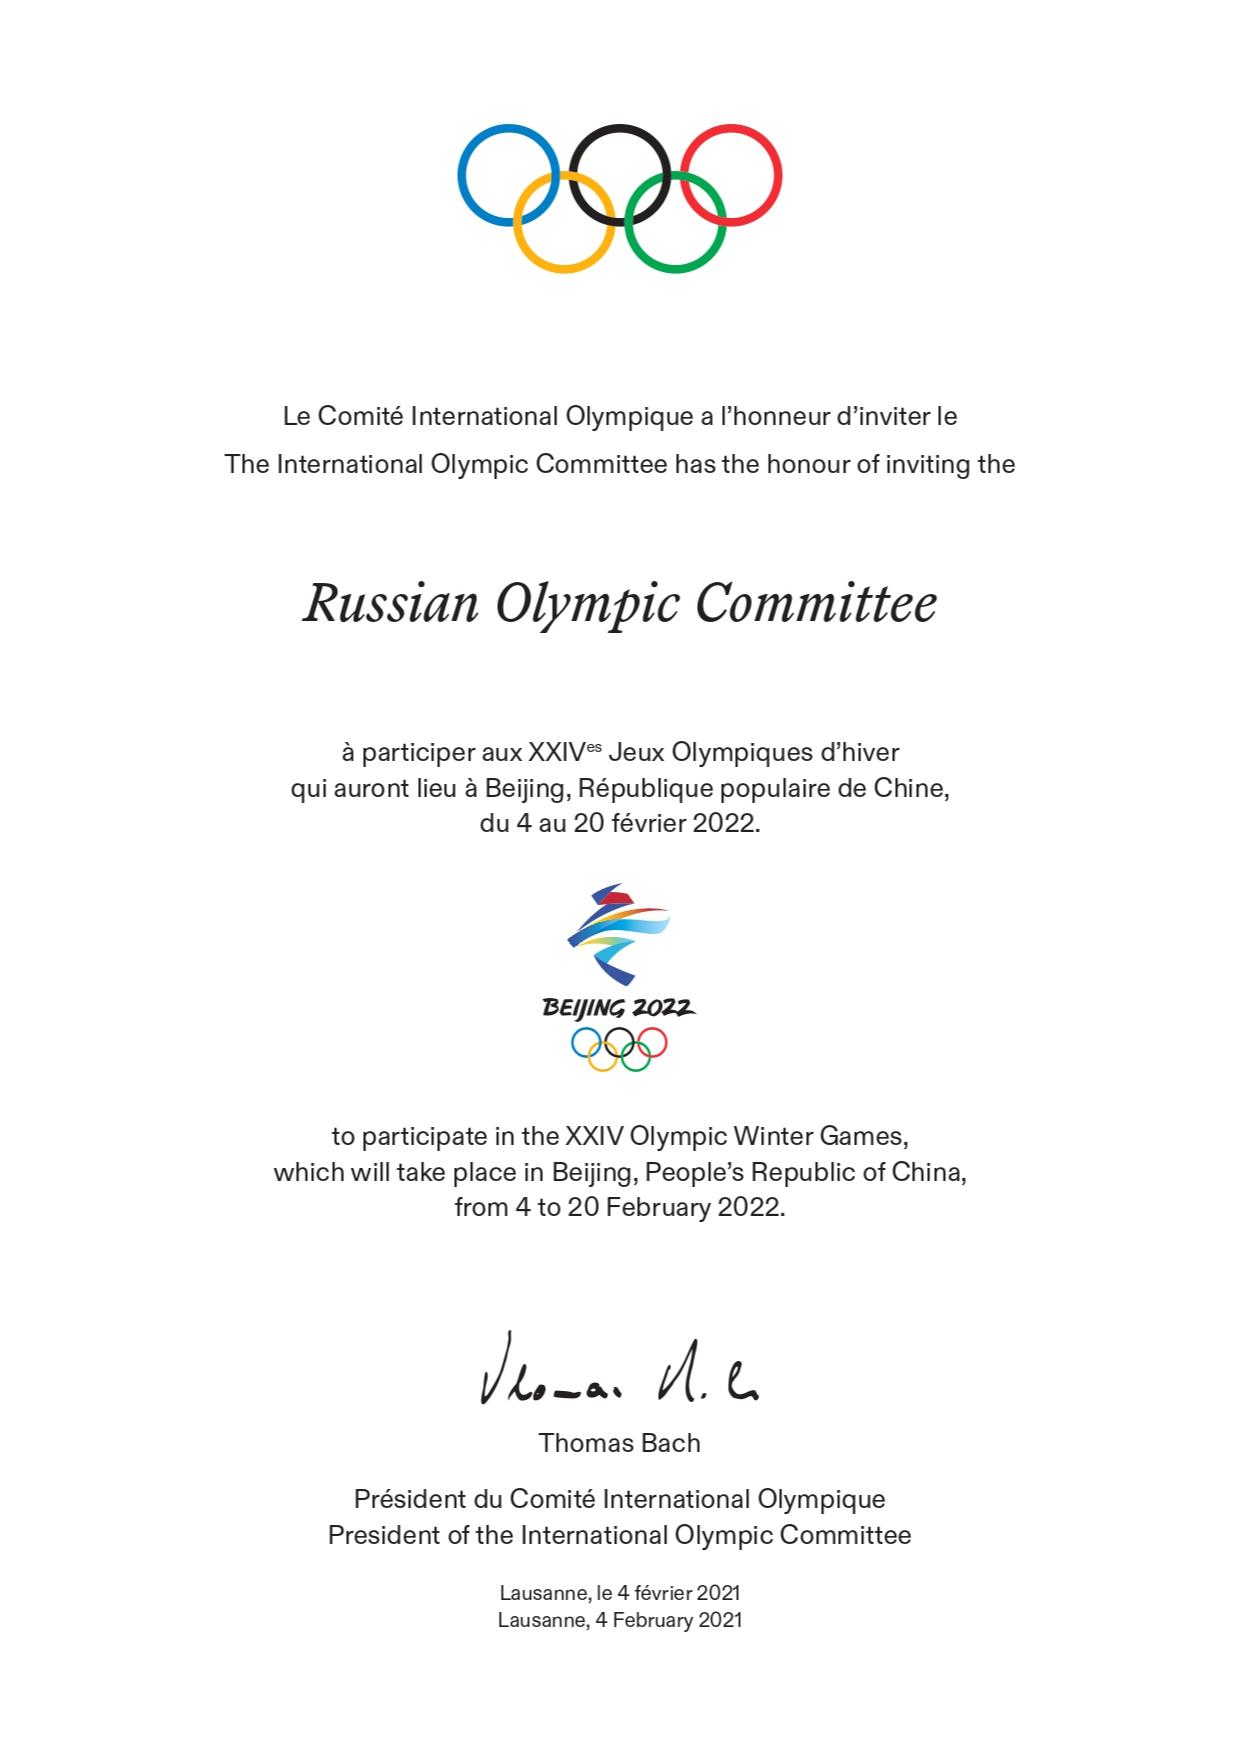 Фото:Пресс-служба Олимпийского комитета России (ОКР)